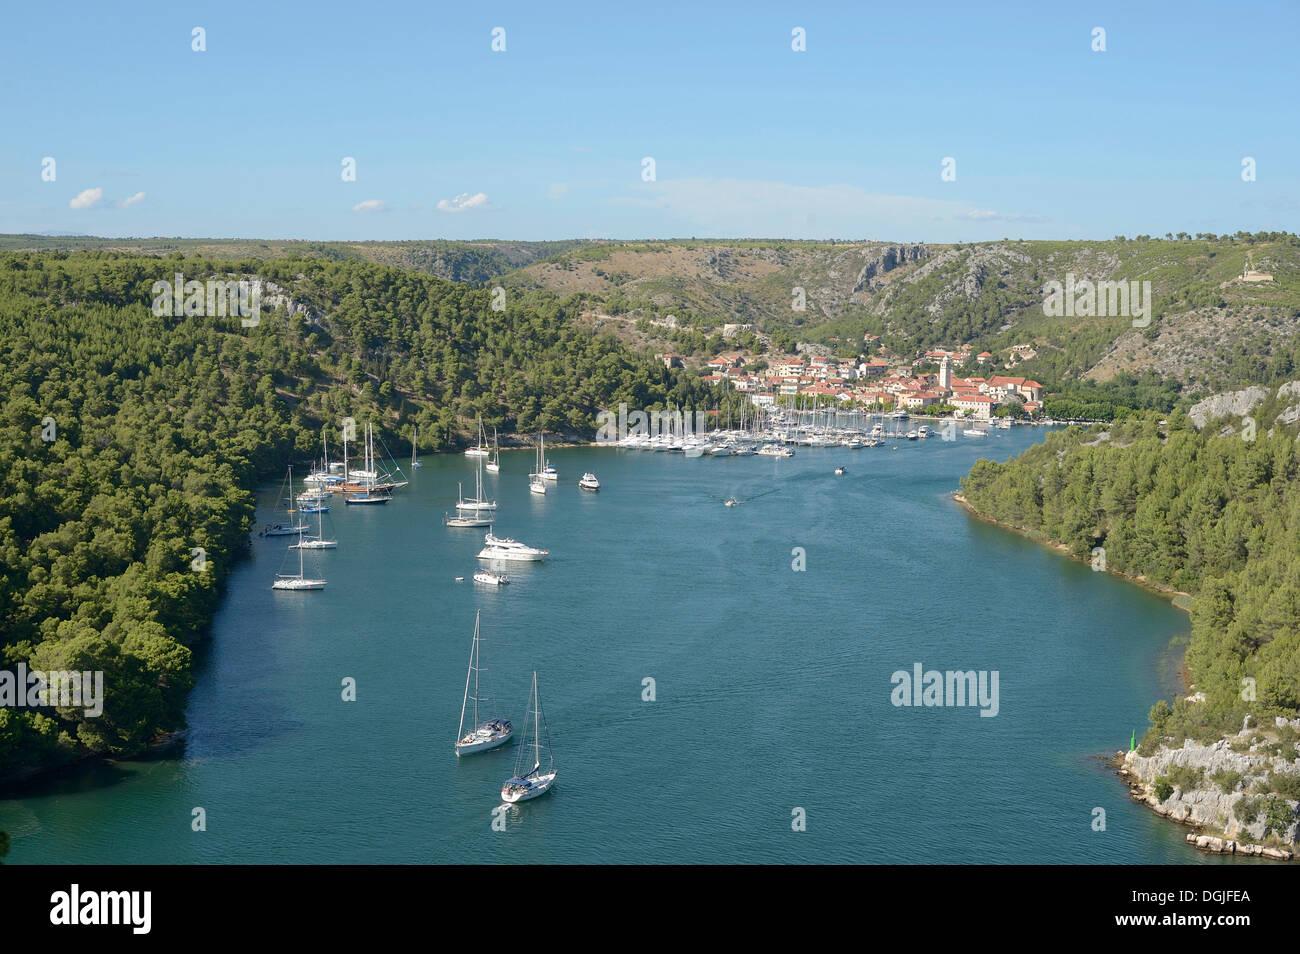 Blick über die Bucht mit Segelschiffen und einer Stadt, Skradin, Kroatien, Europa Stockfoto